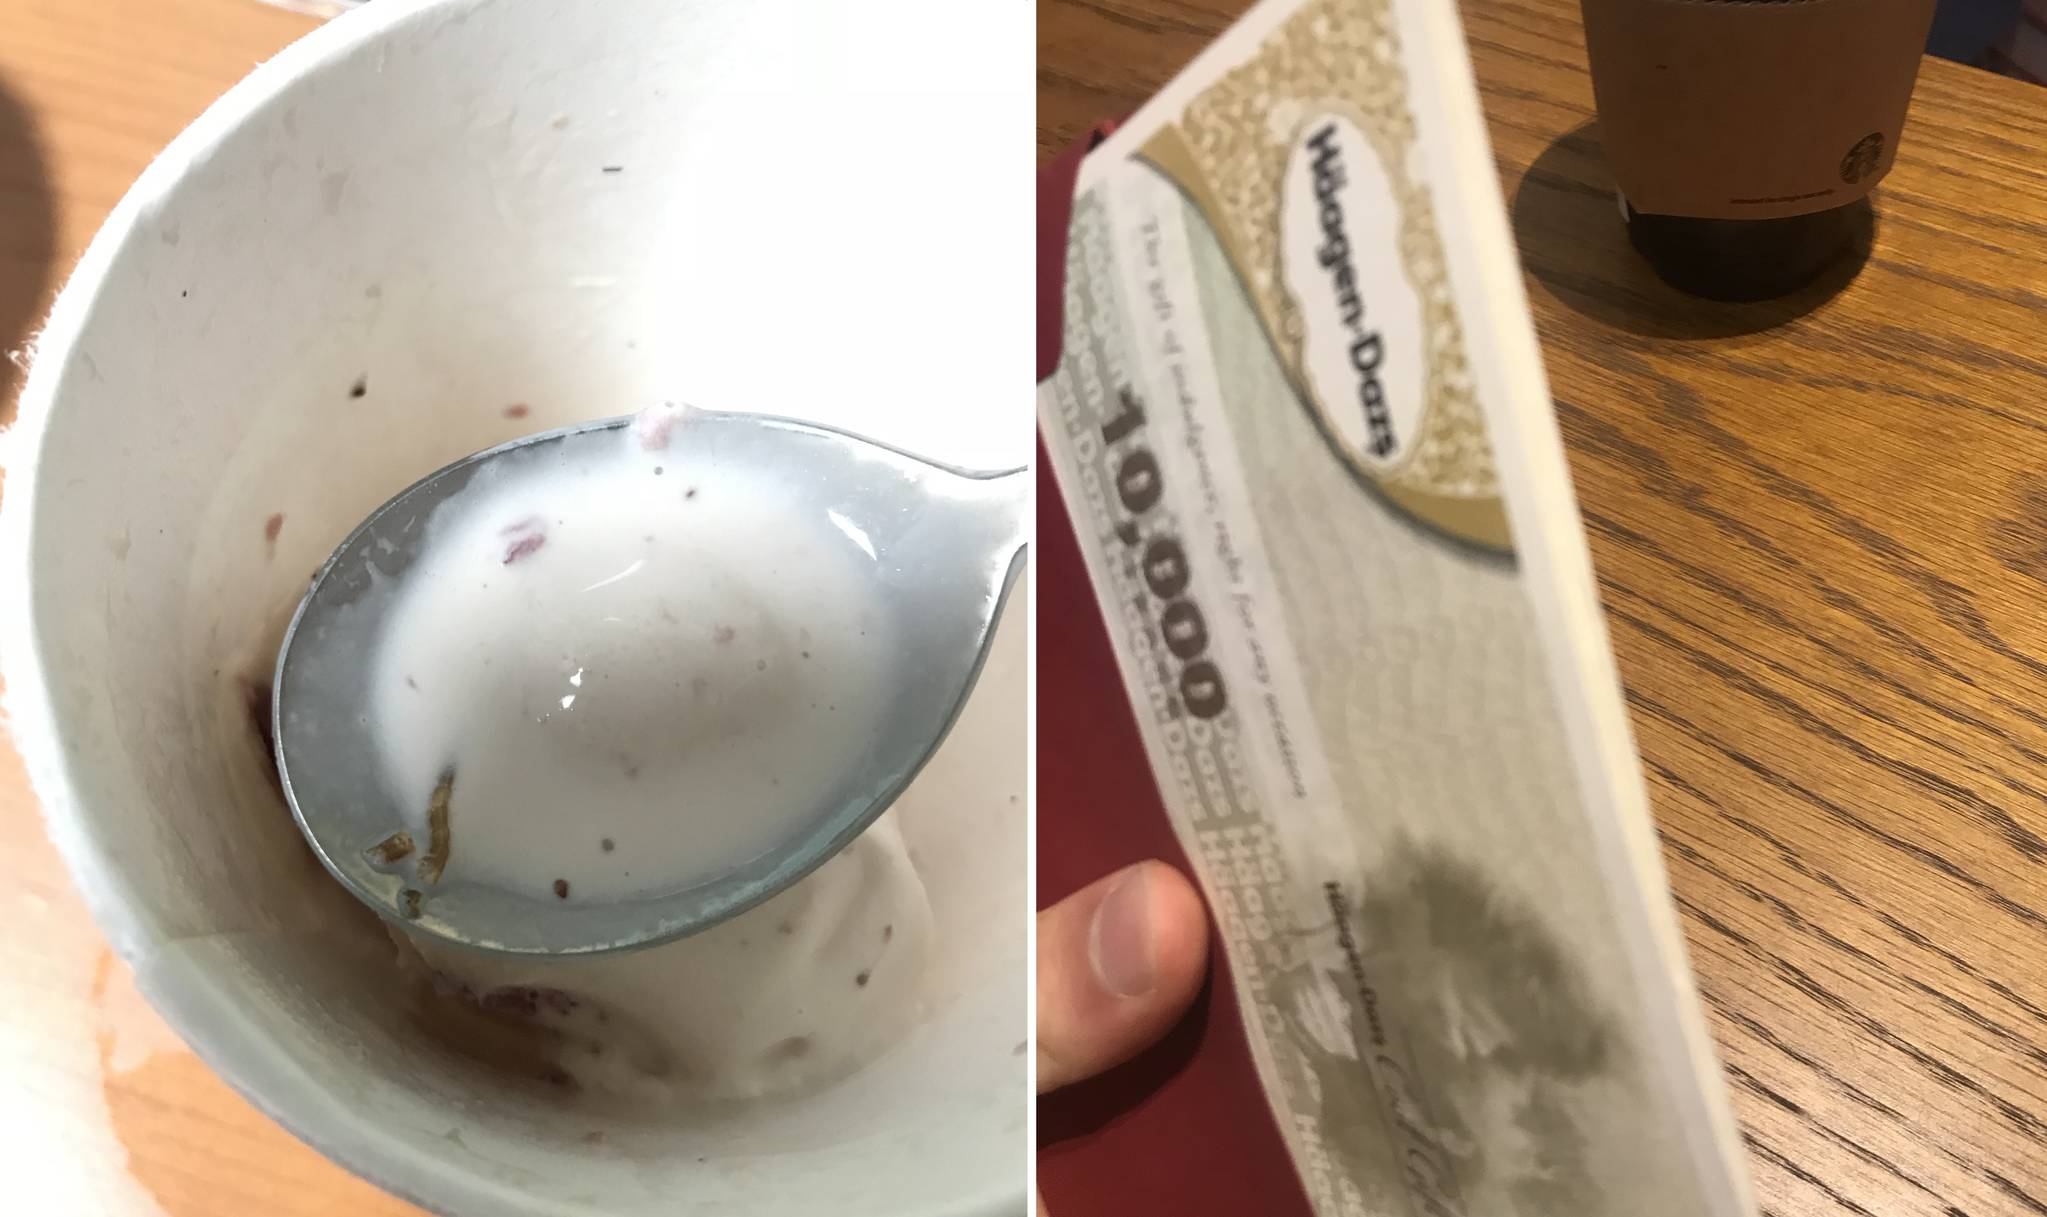 하겐다즈 스트로베리 아이스크림 속 애벌레(왼쪽)와 소비자에게 한국하겐다즈가 제시한 상품권. [뉴스1]